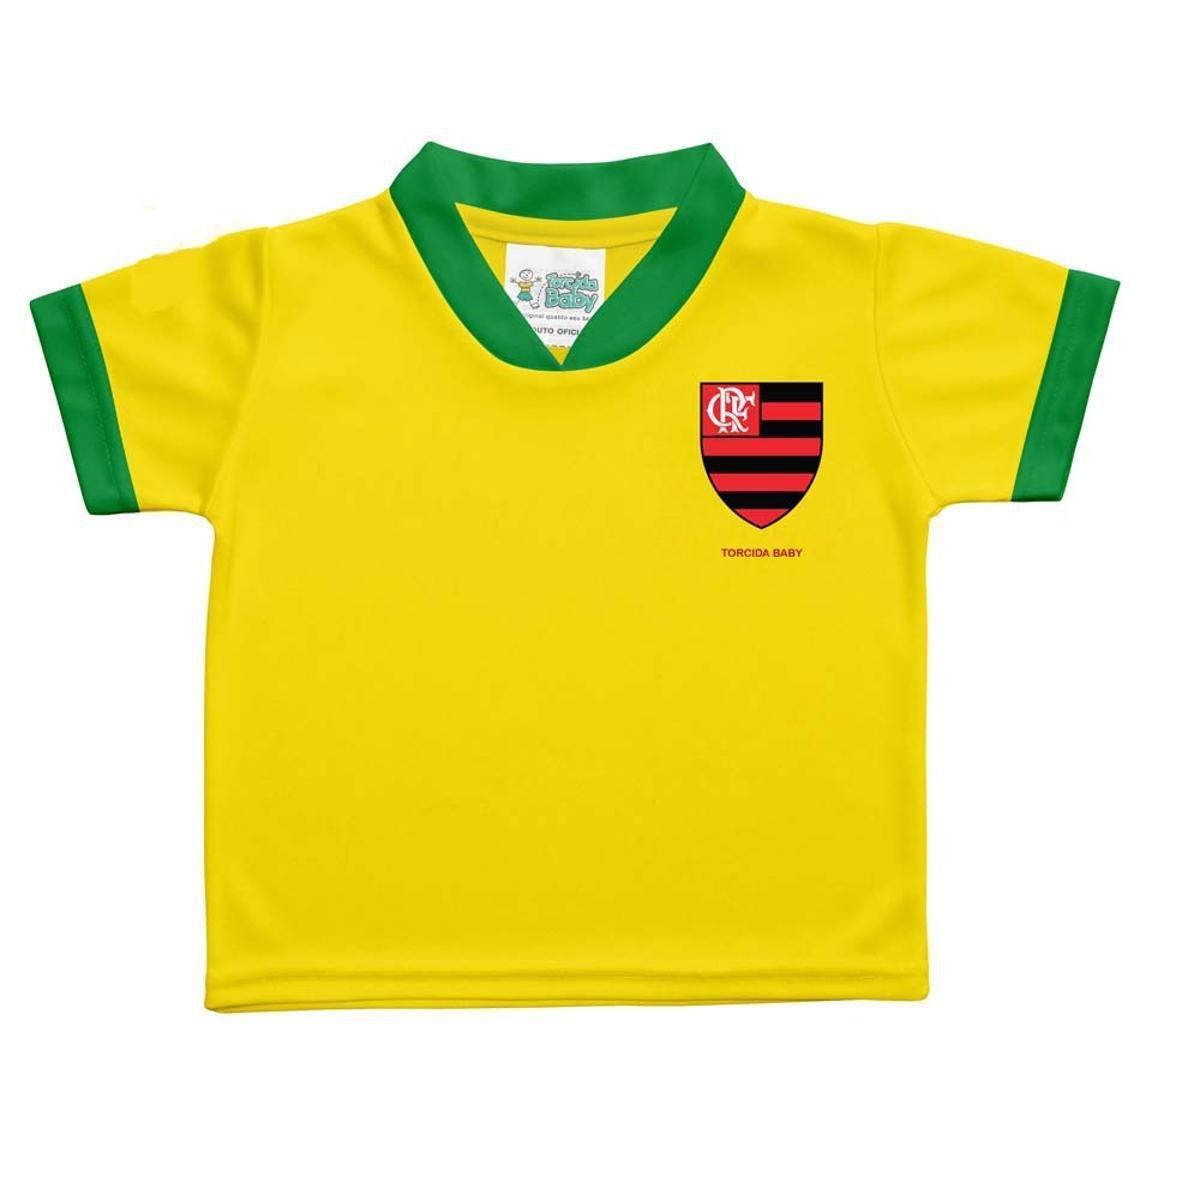 Camisa Flamengo Brasil Infantil Torcida Baby - Verde e Amarelo ... 08398626e8fb9